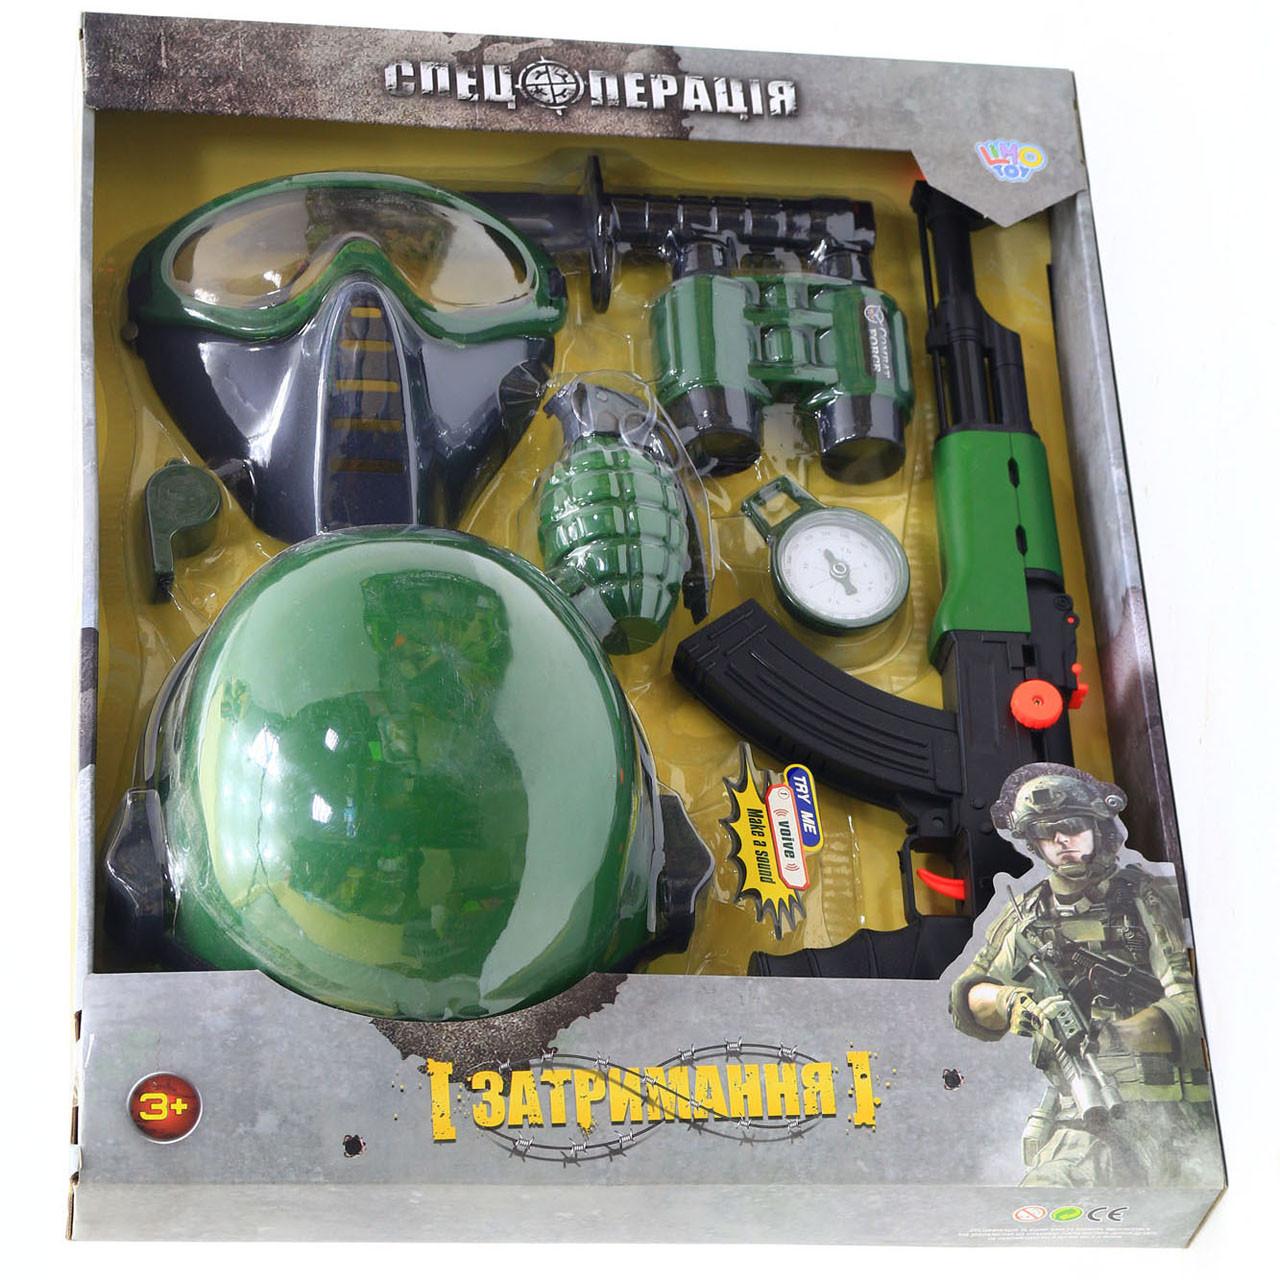 Іграшковий набір військового «Спецоперація» з каскою, автоматом і аксесуарами 33510-33580